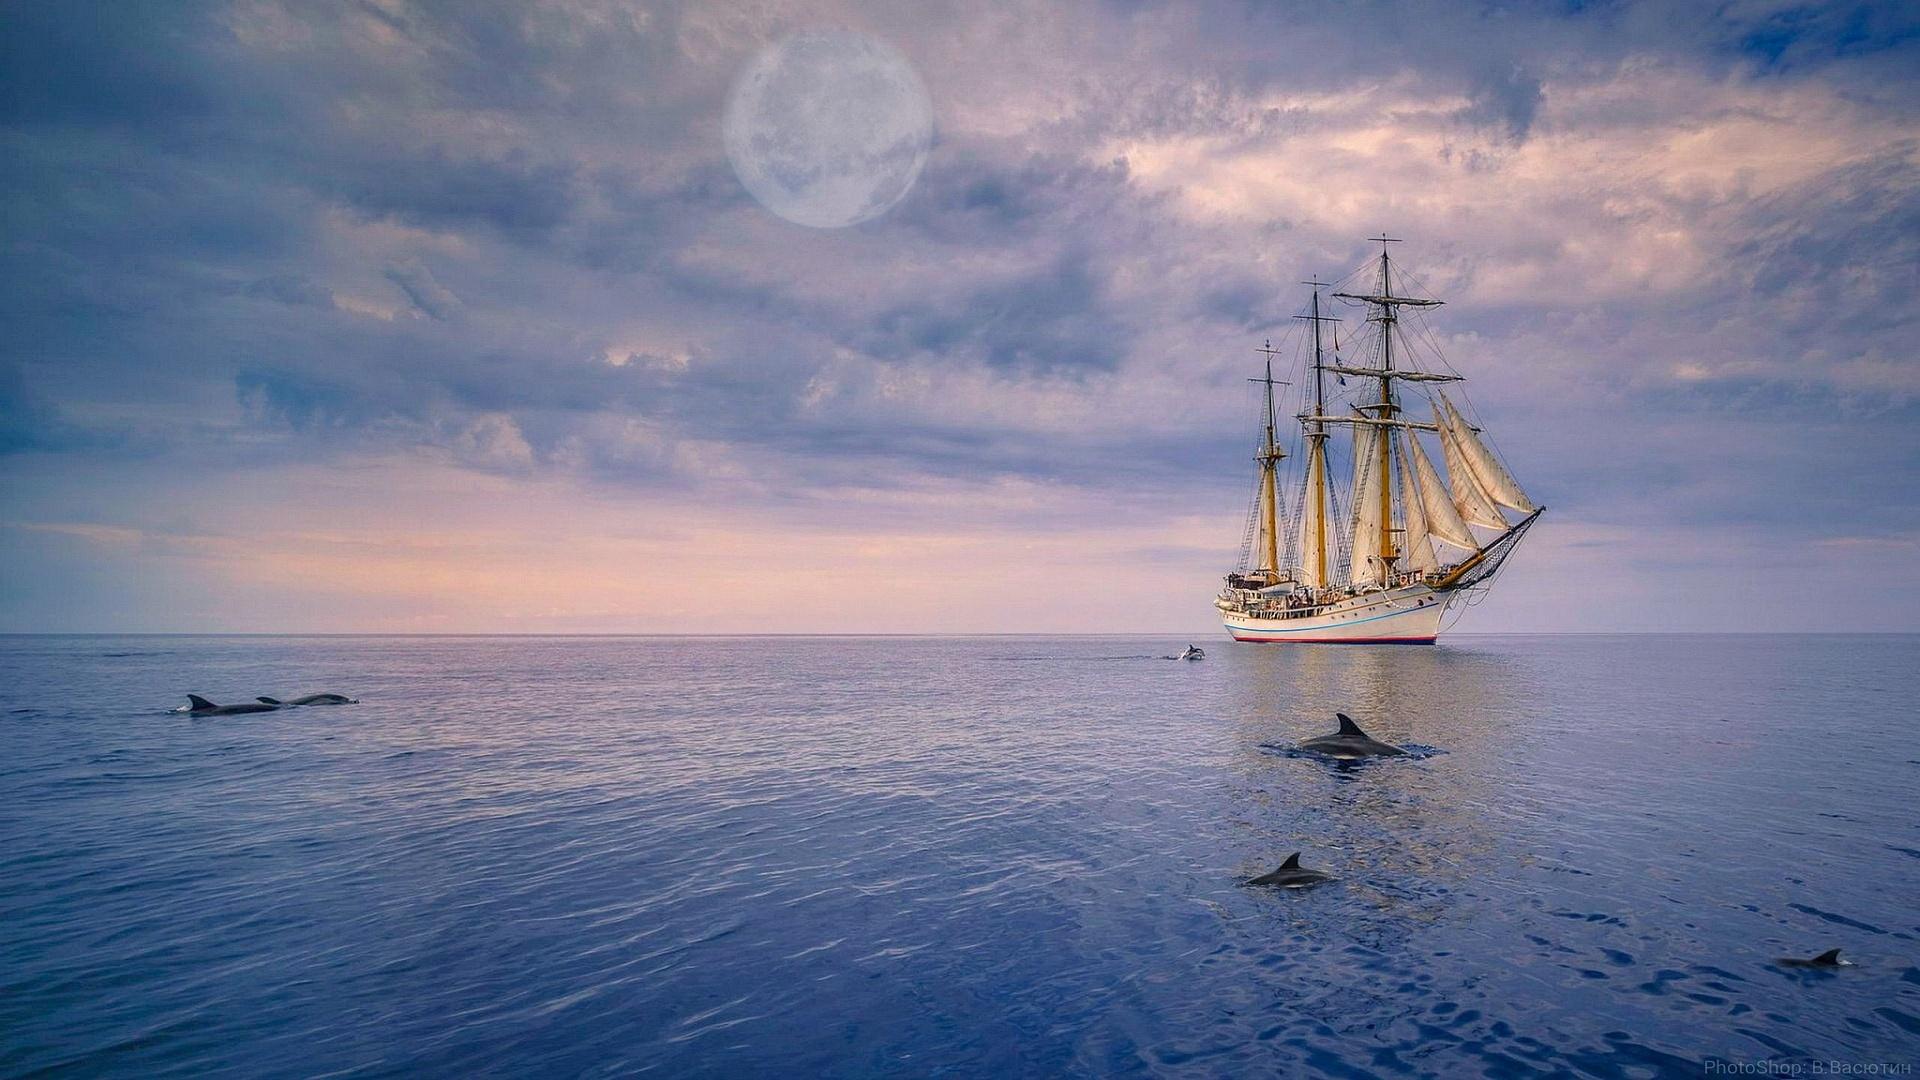 океан, дельфины, парусник, небо